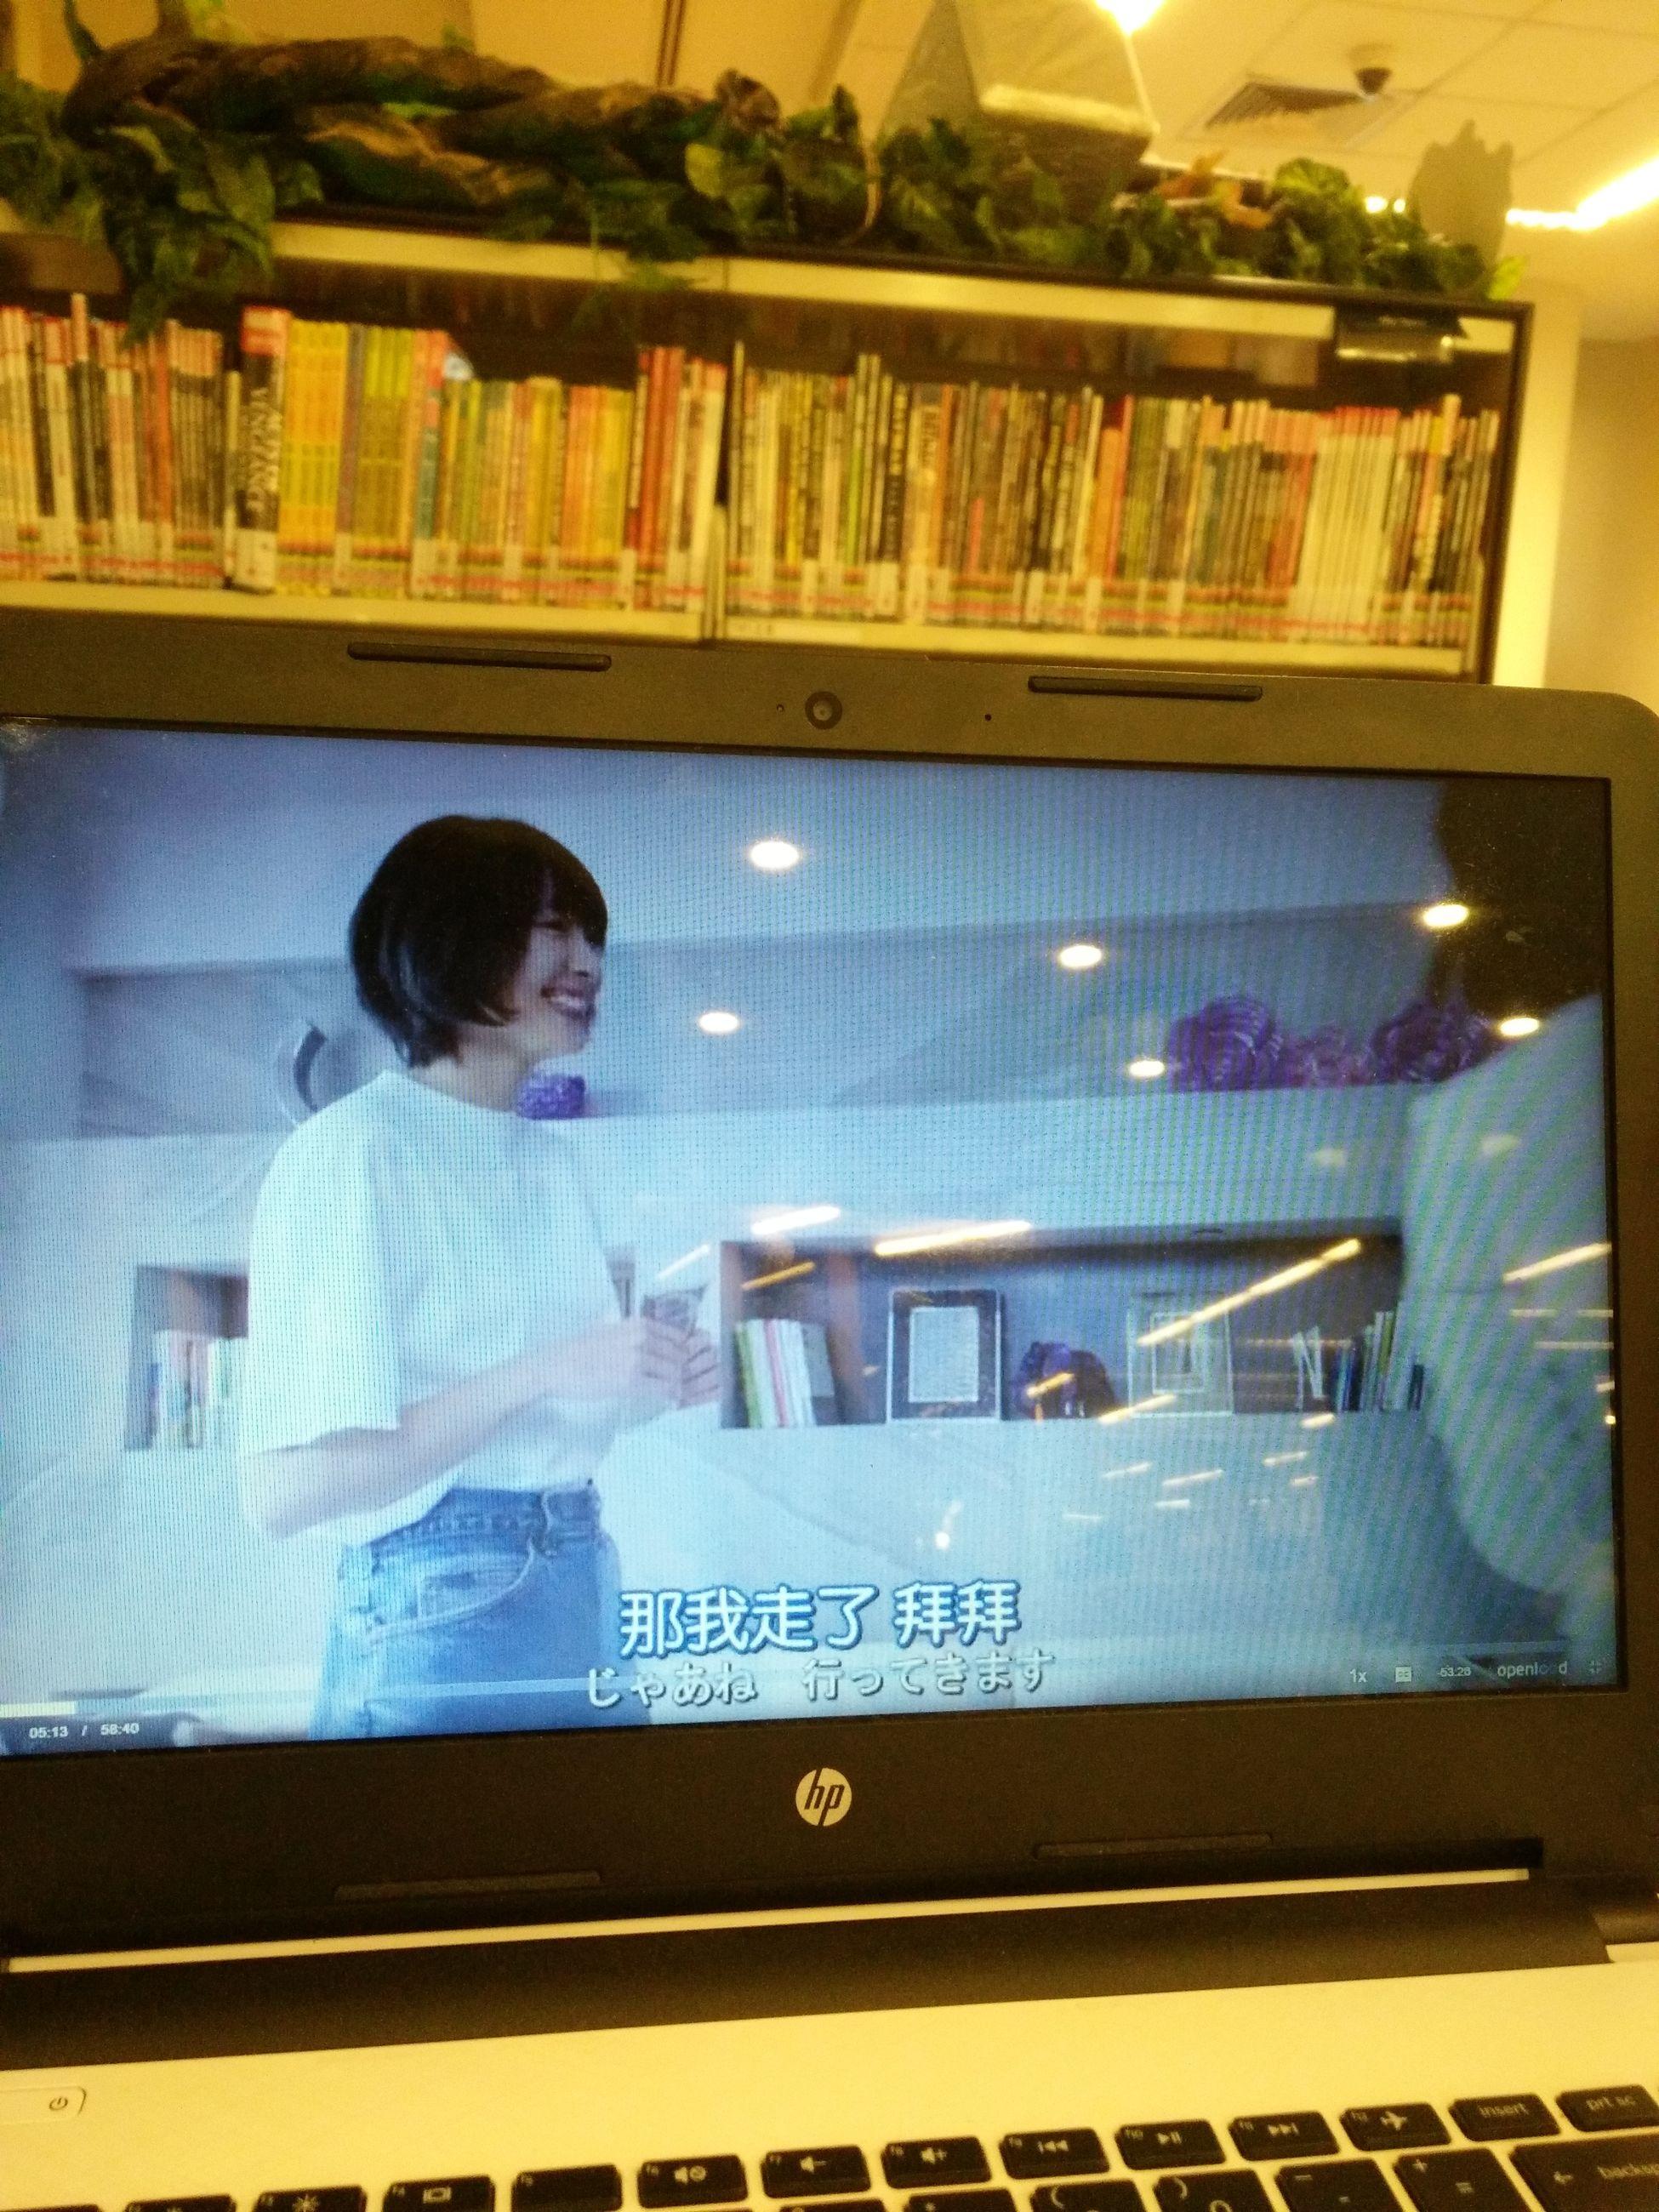 下班后来个短暂的小逃避,观看«逃避虽可耻但有用»,从中学日文,了解日本文化,领悟一些小道理。hmmm.这种逃避带给我每天起床后下班的甜点。幸福,是要自己去找的。